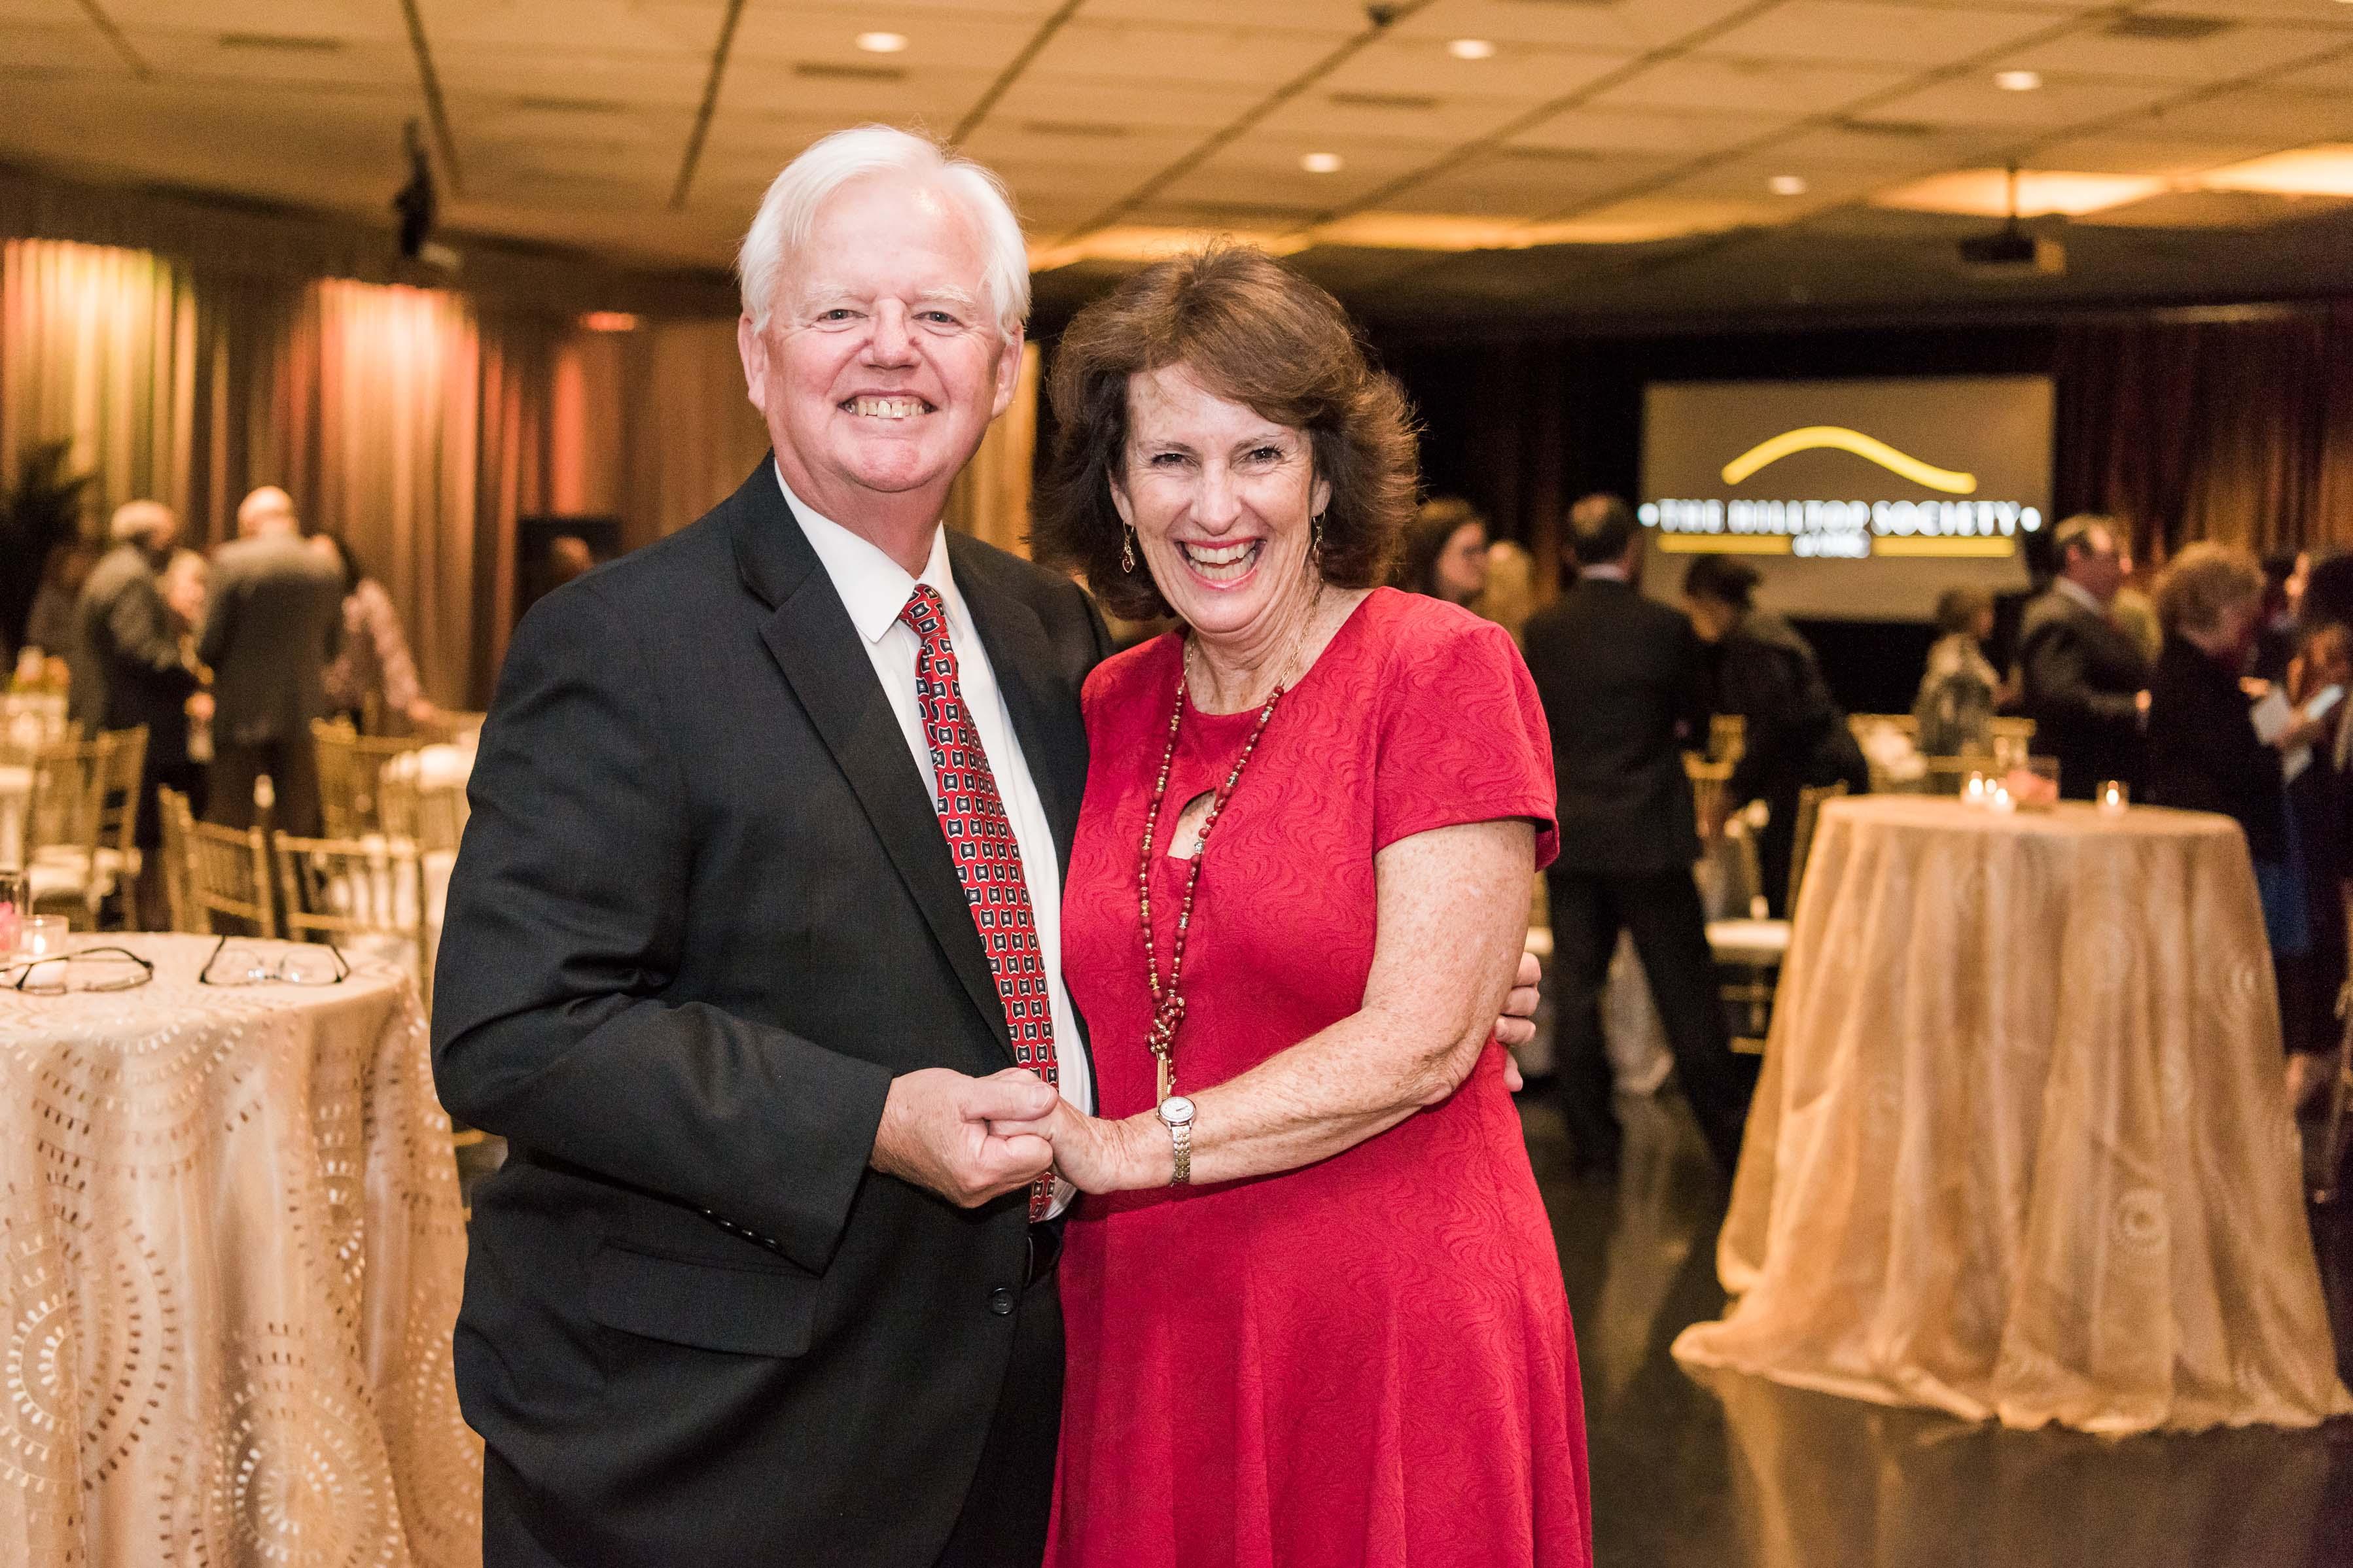 Jim and Kathy Kruger pose together